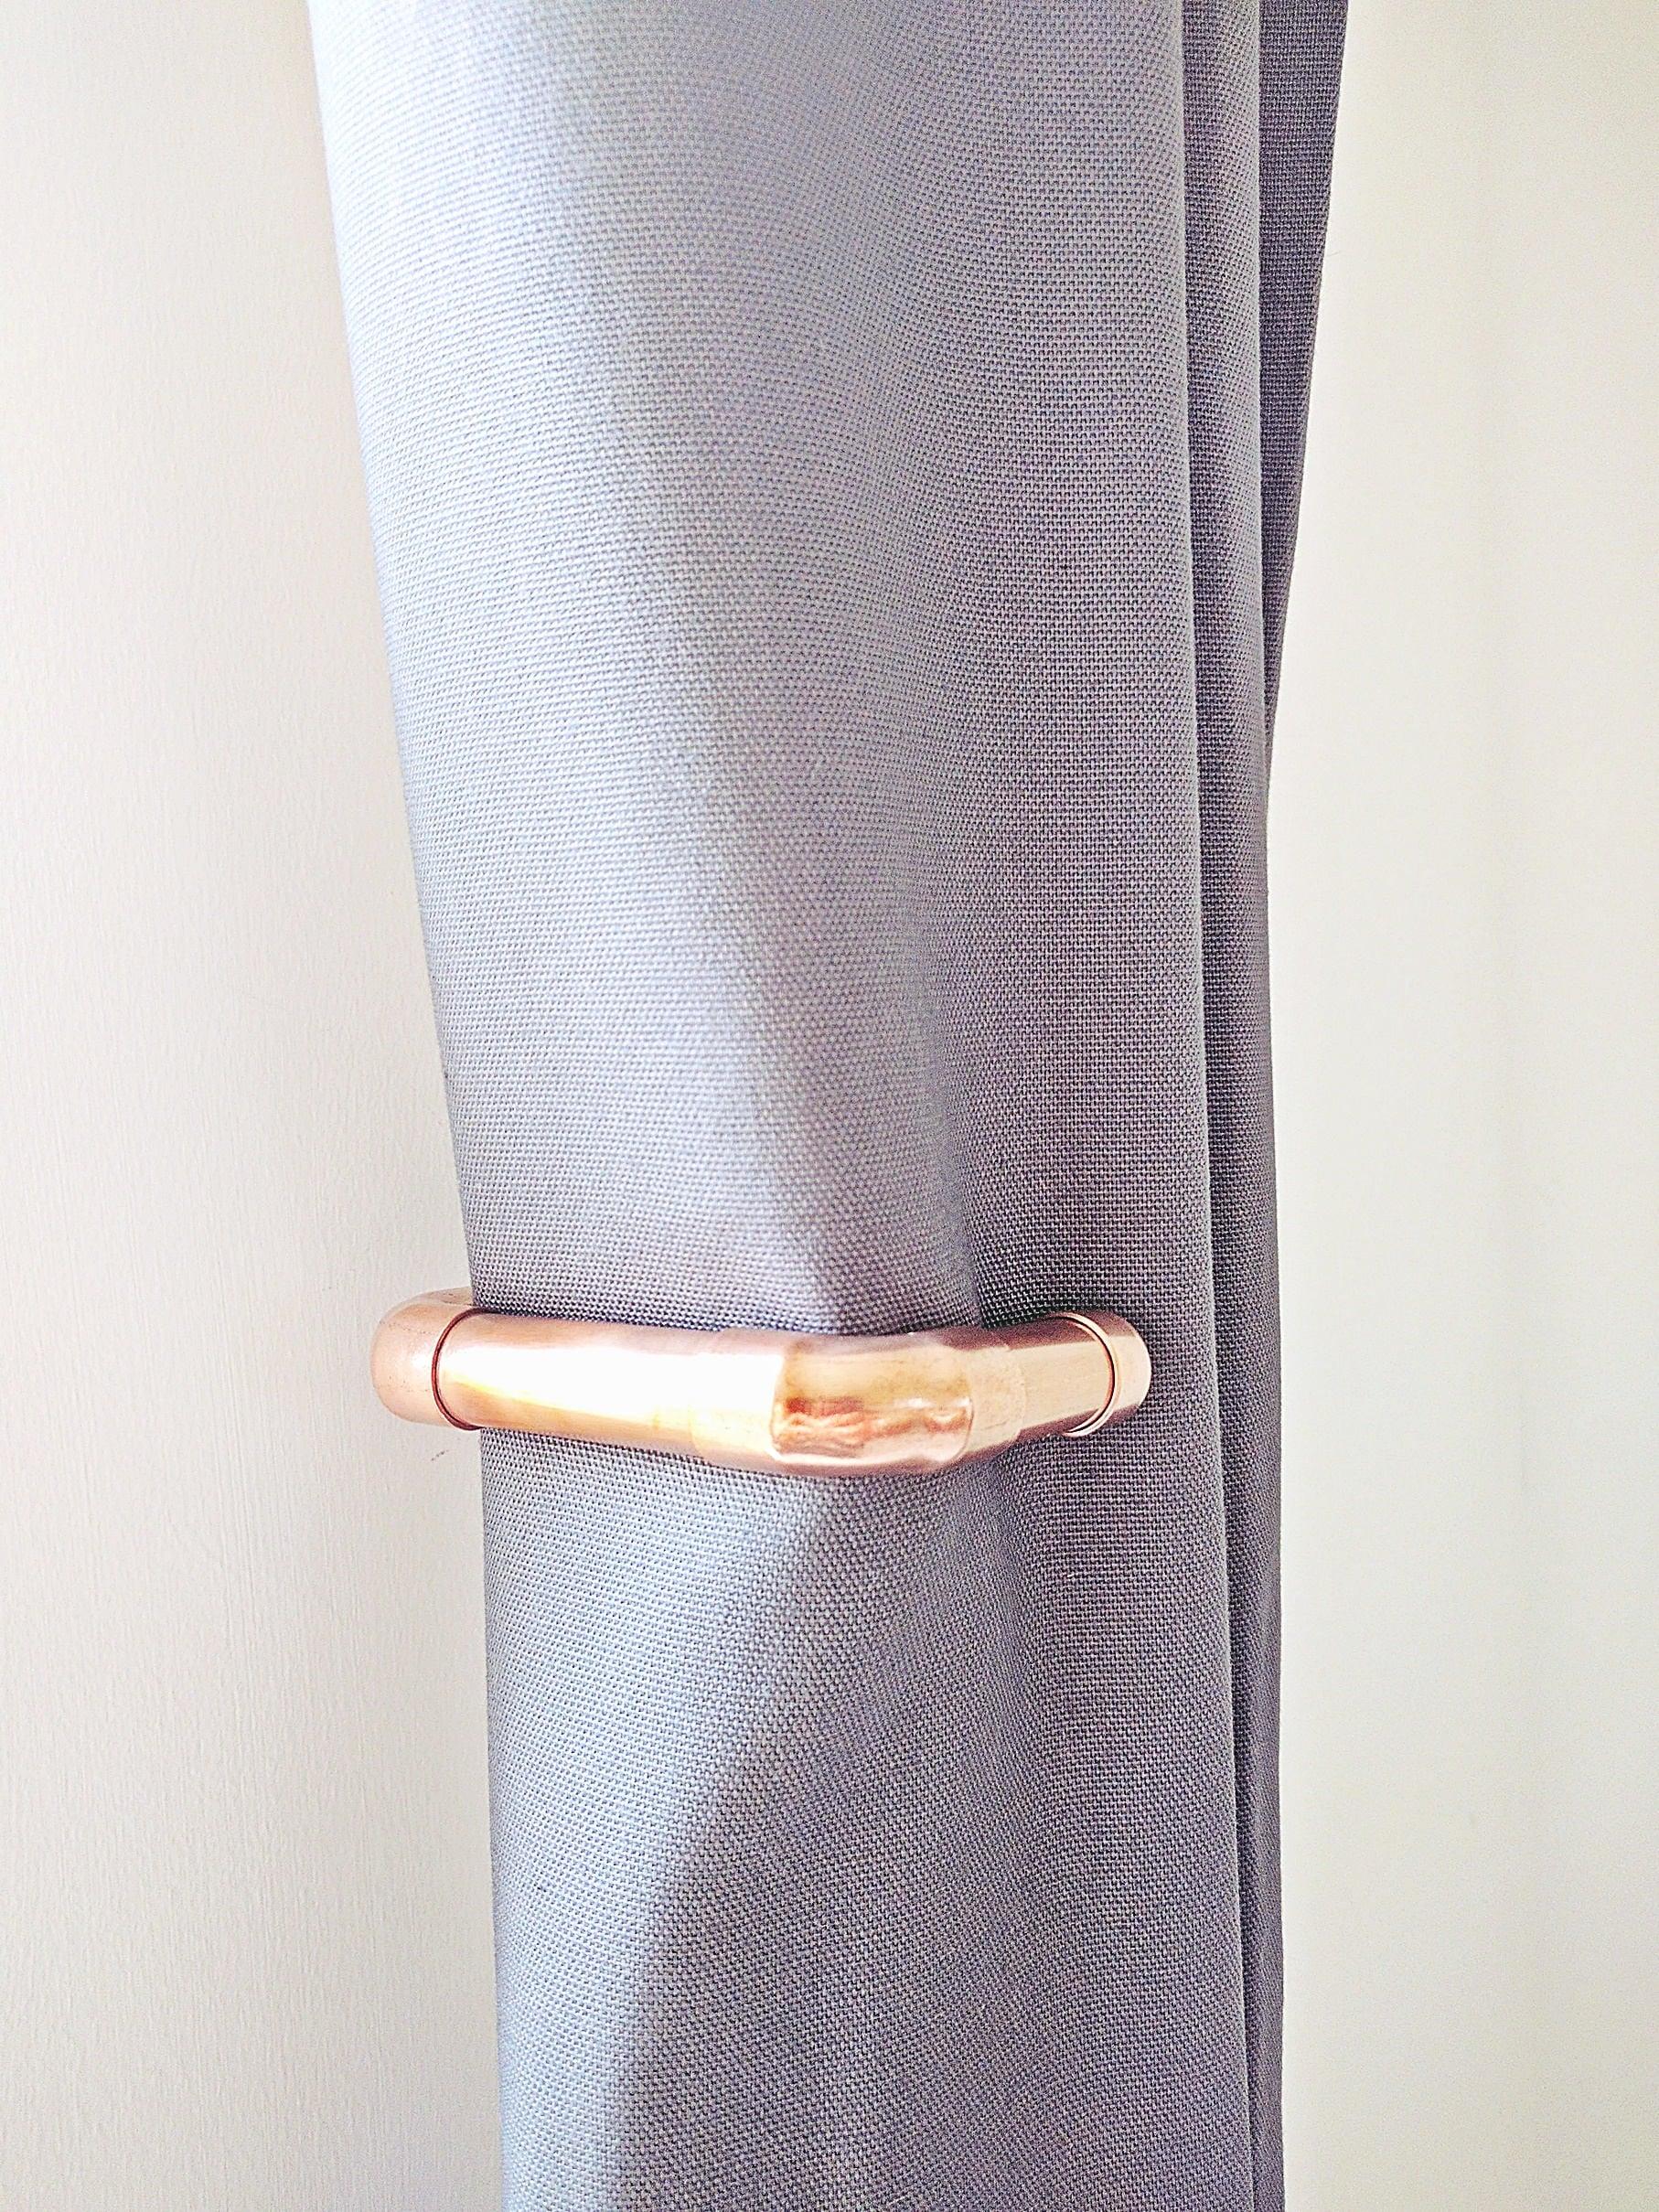 Moderne Kupfer Vorhang Industrielle Moderne Vorhang